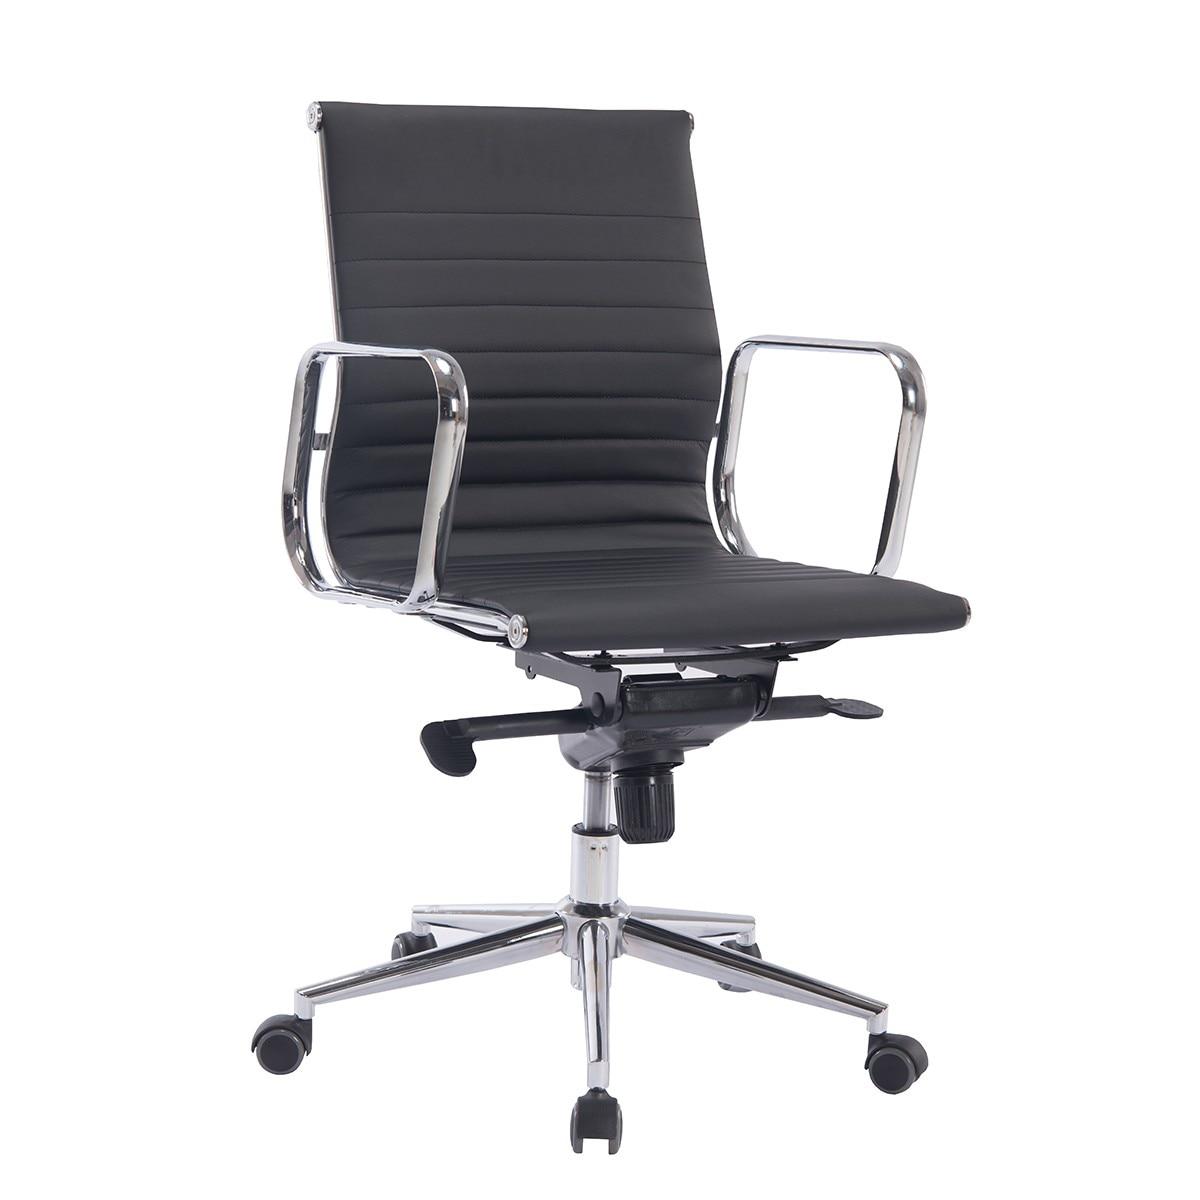 Office Armchair ARKANSAS, Rotatable, Similpiel Black